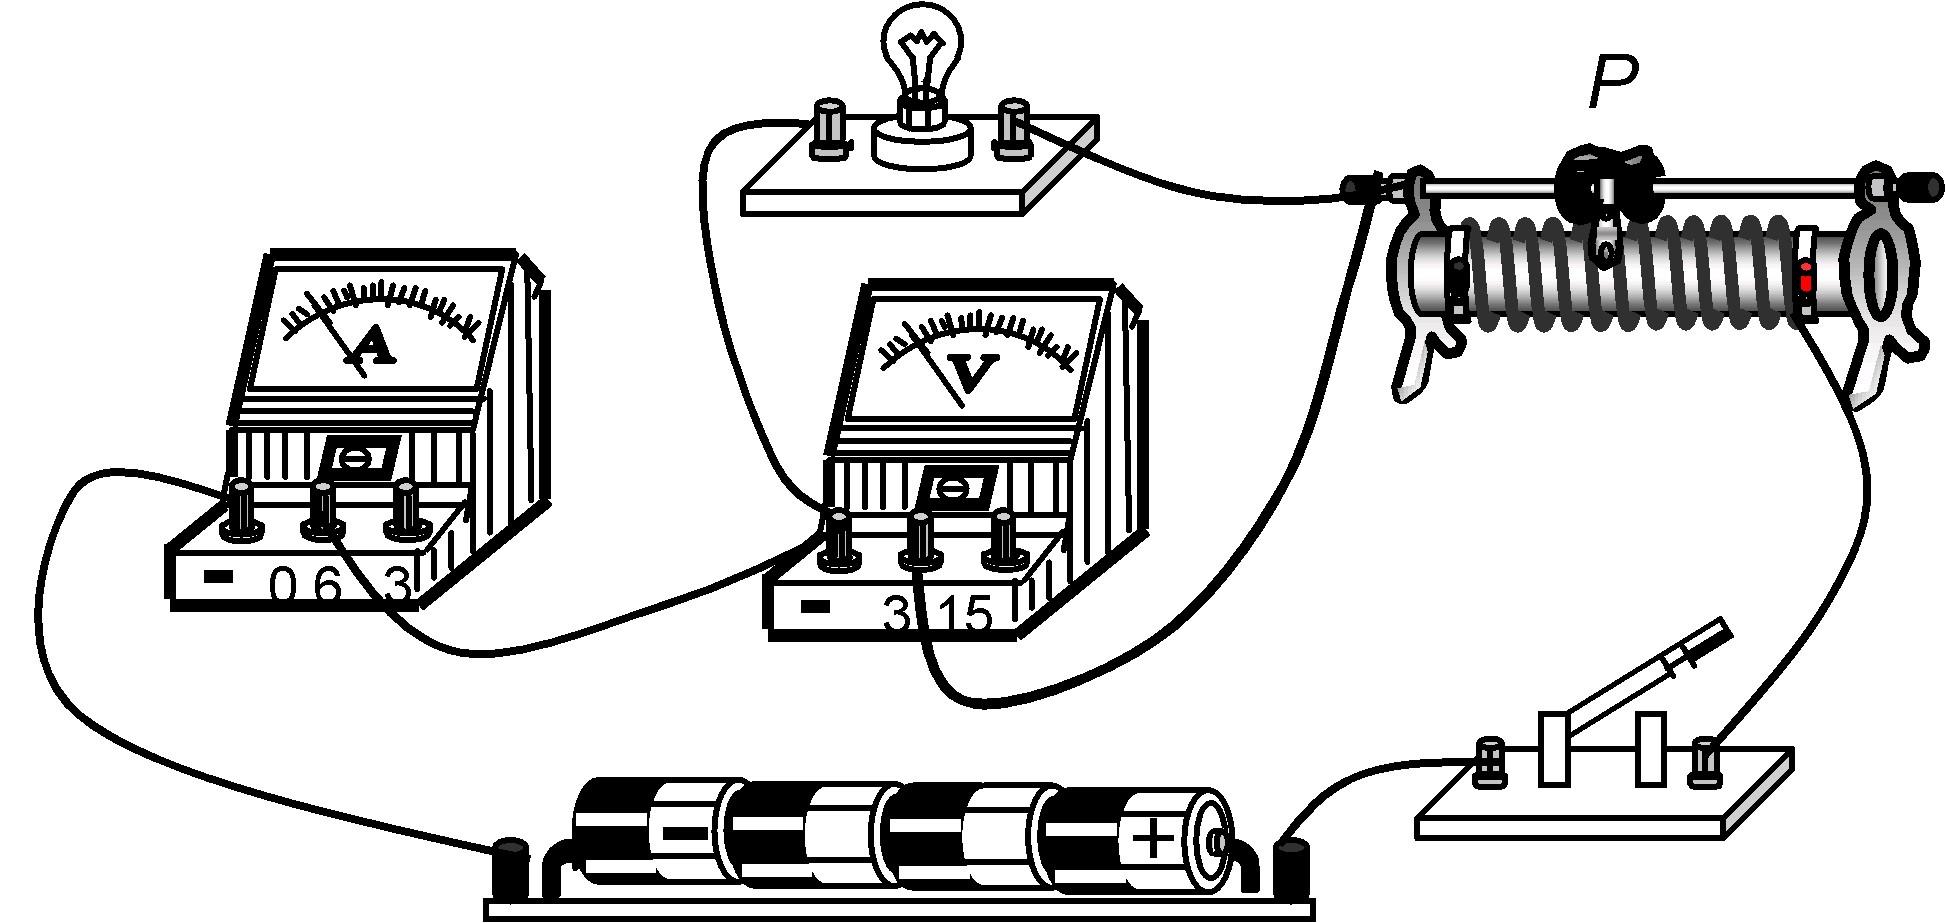 实物连接电路图,既可以测定小灯泡的电阻,又可以测定小灯泡的电功率.